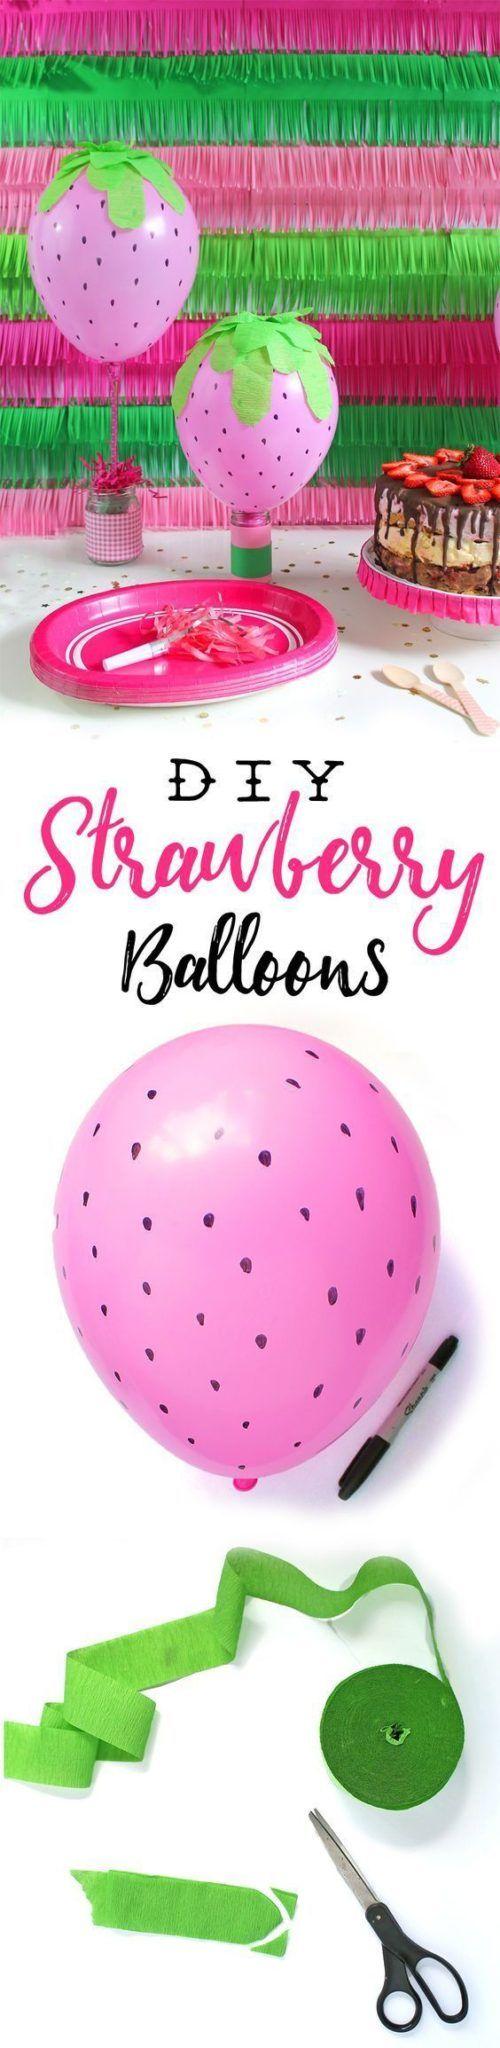 44 ideas fáciles y originales de manualidades para fiestas infantiles - Uma Manualidades